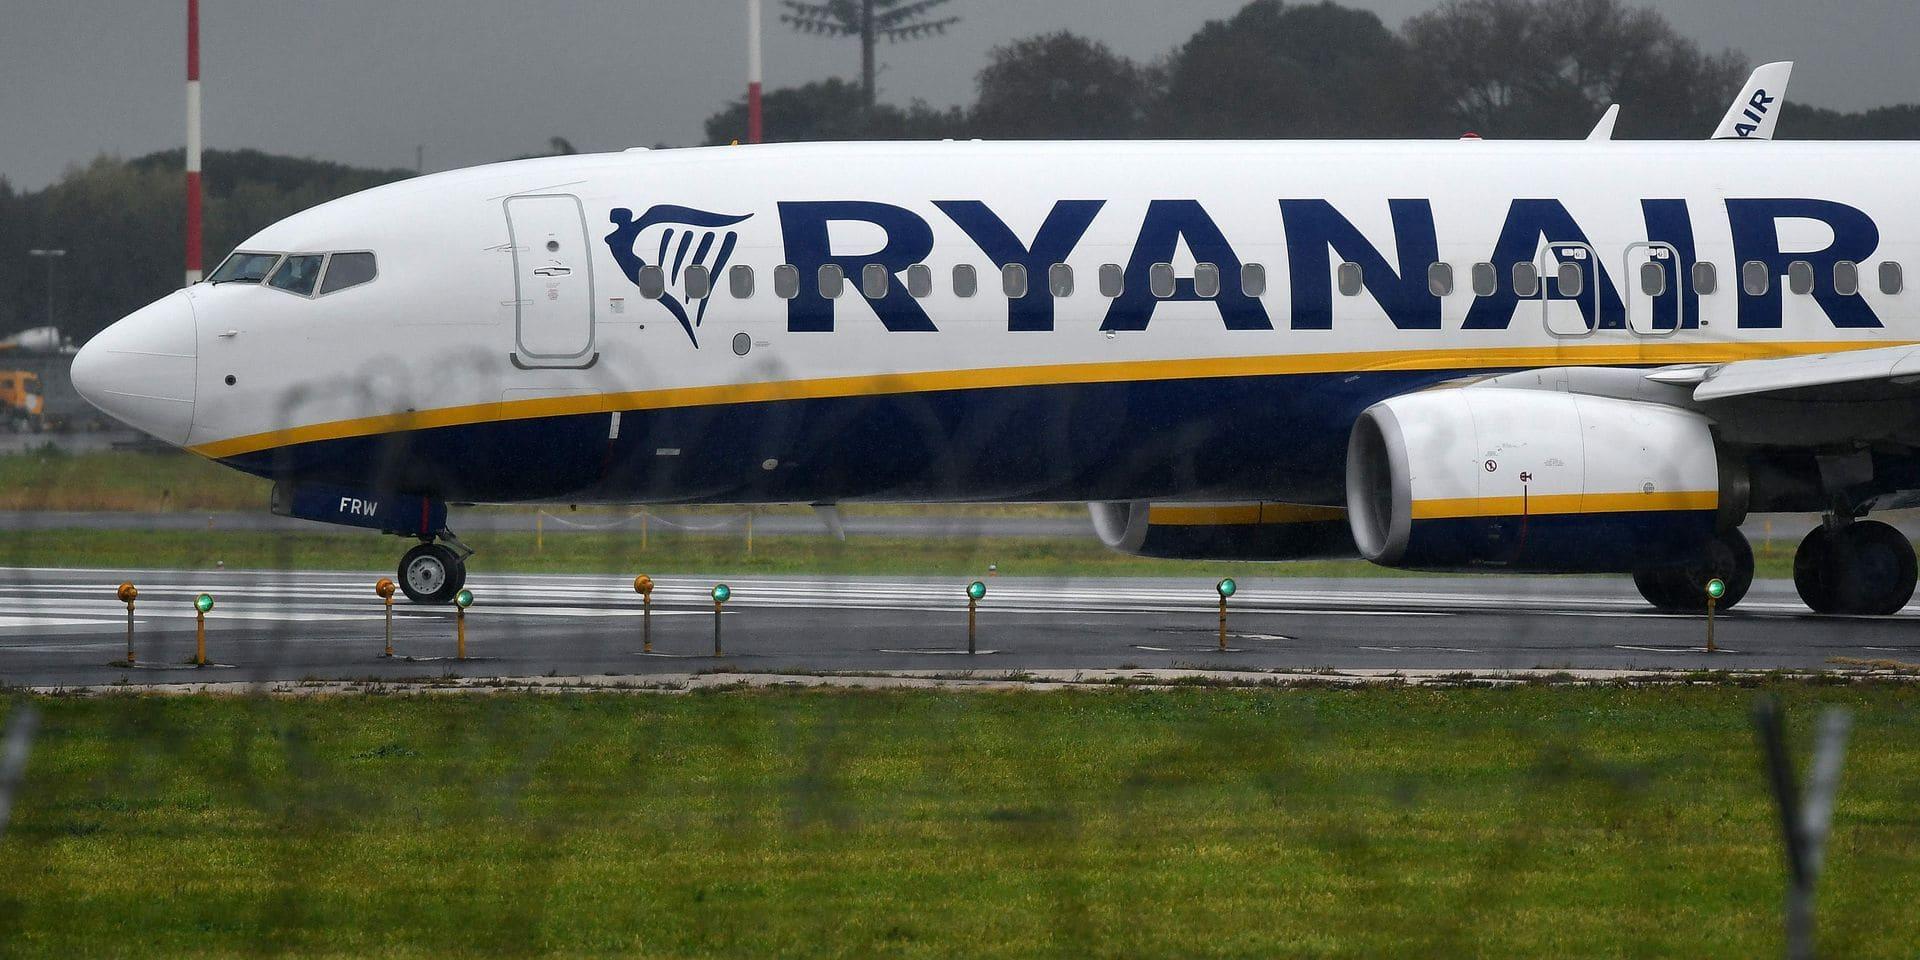 Grève Ryanair: 104 vols annulés au départ et à destination de la Belgique le 10 août prochain